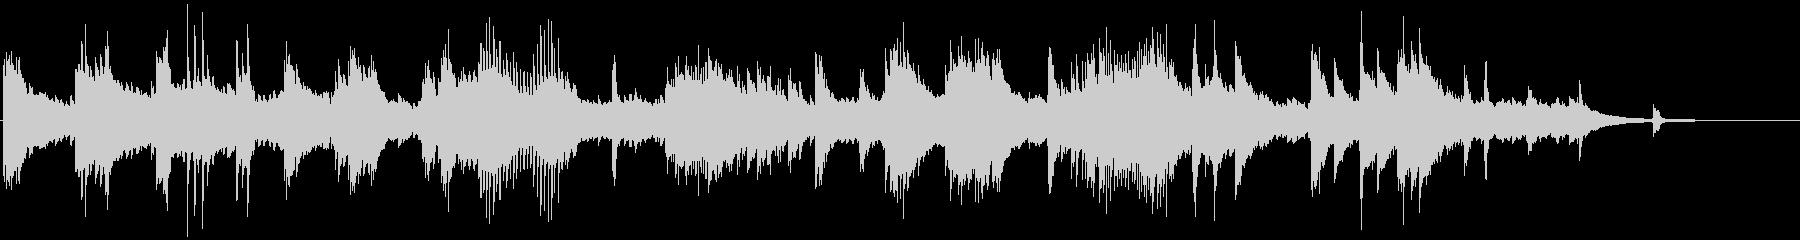 メロディアスで和風なクラシカルピアノ曲の未再生の波形